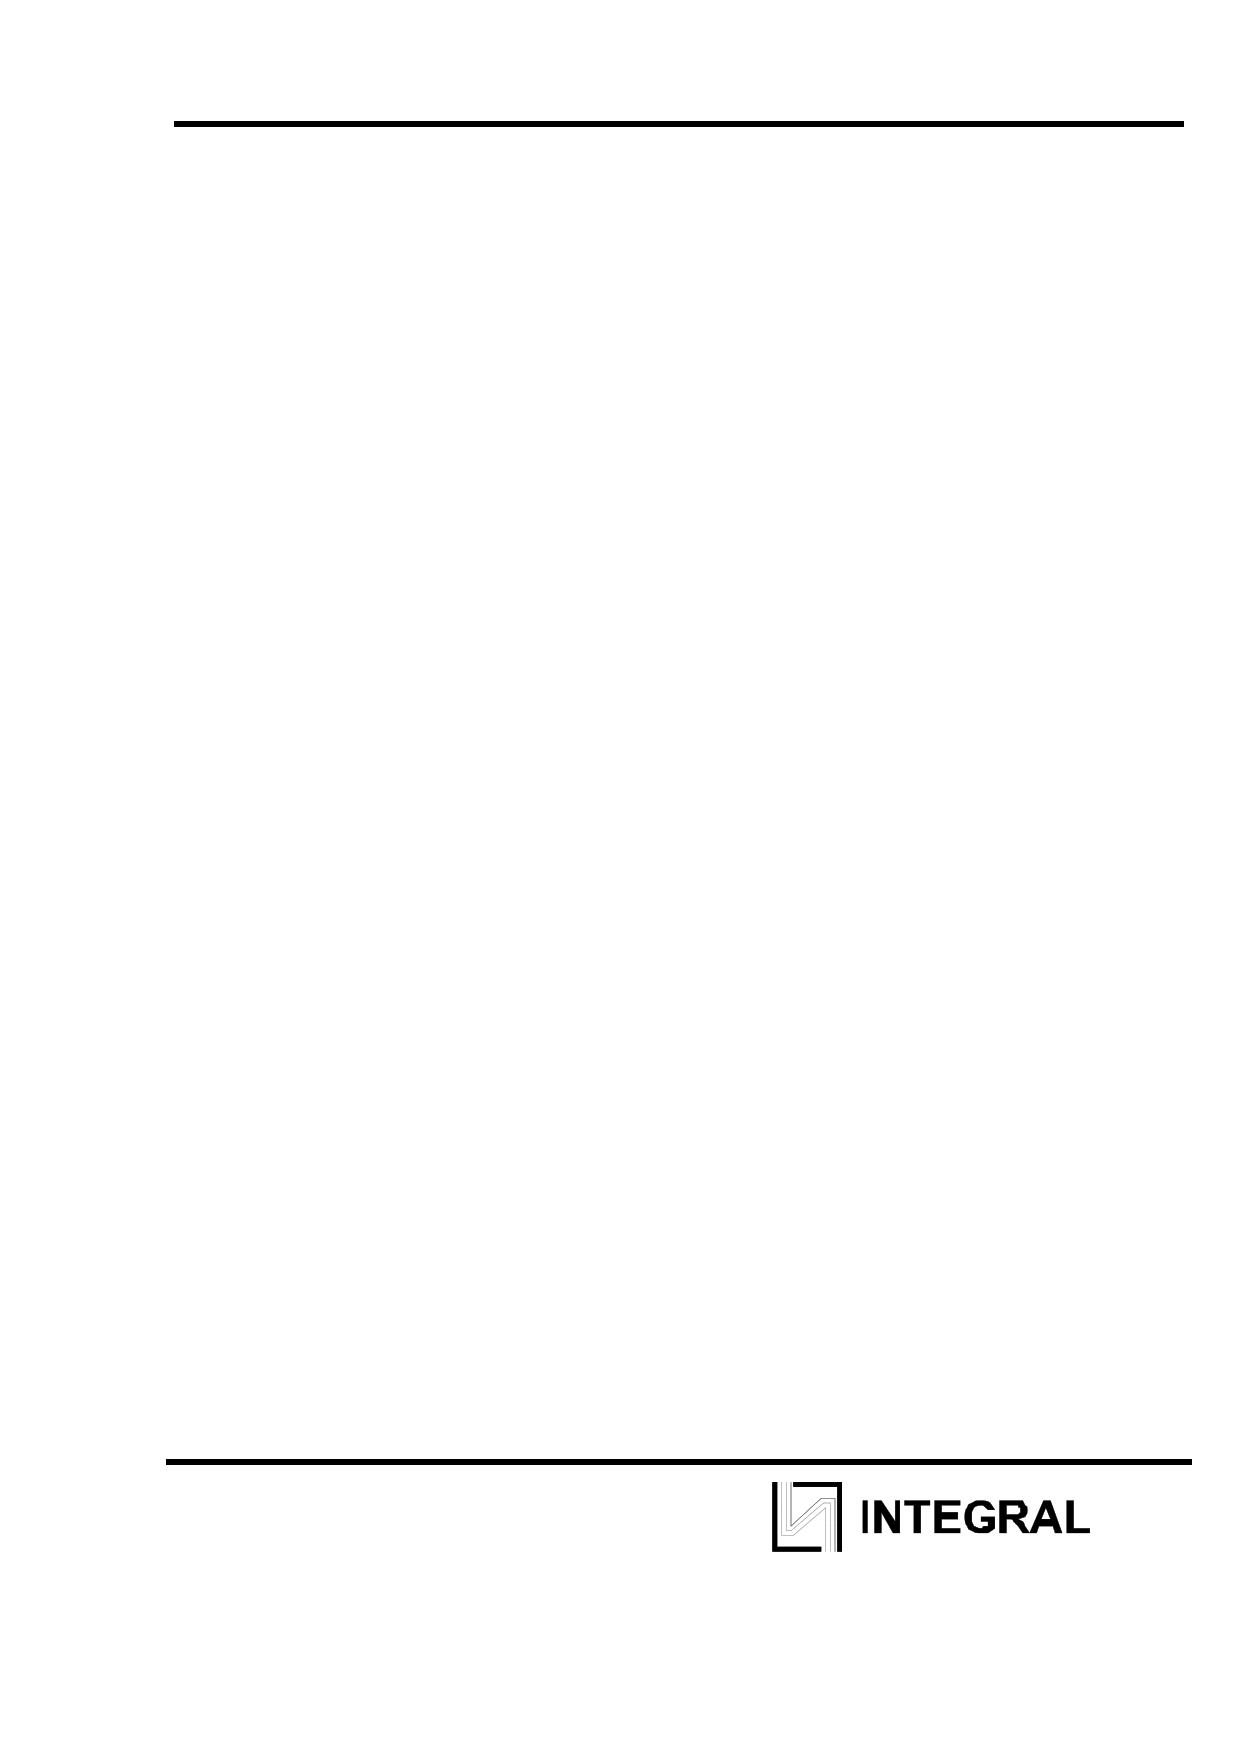 IZ7008 Datenblatt PDF